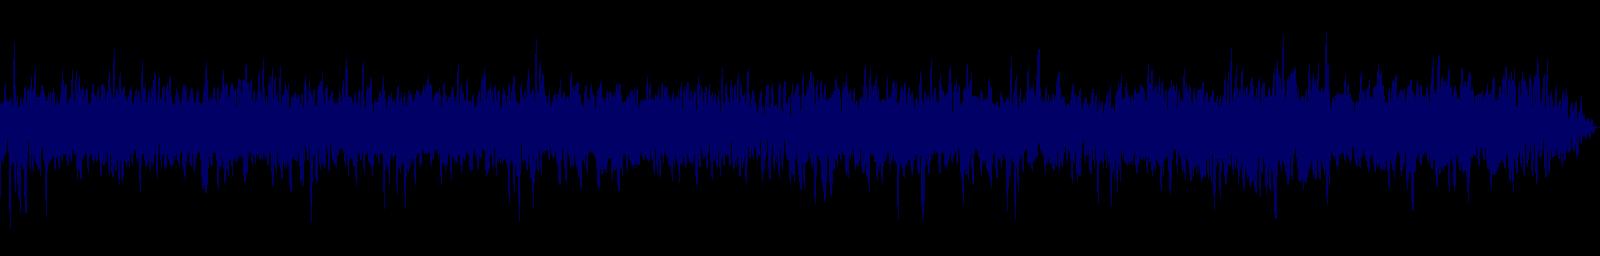 waveform of track #152478